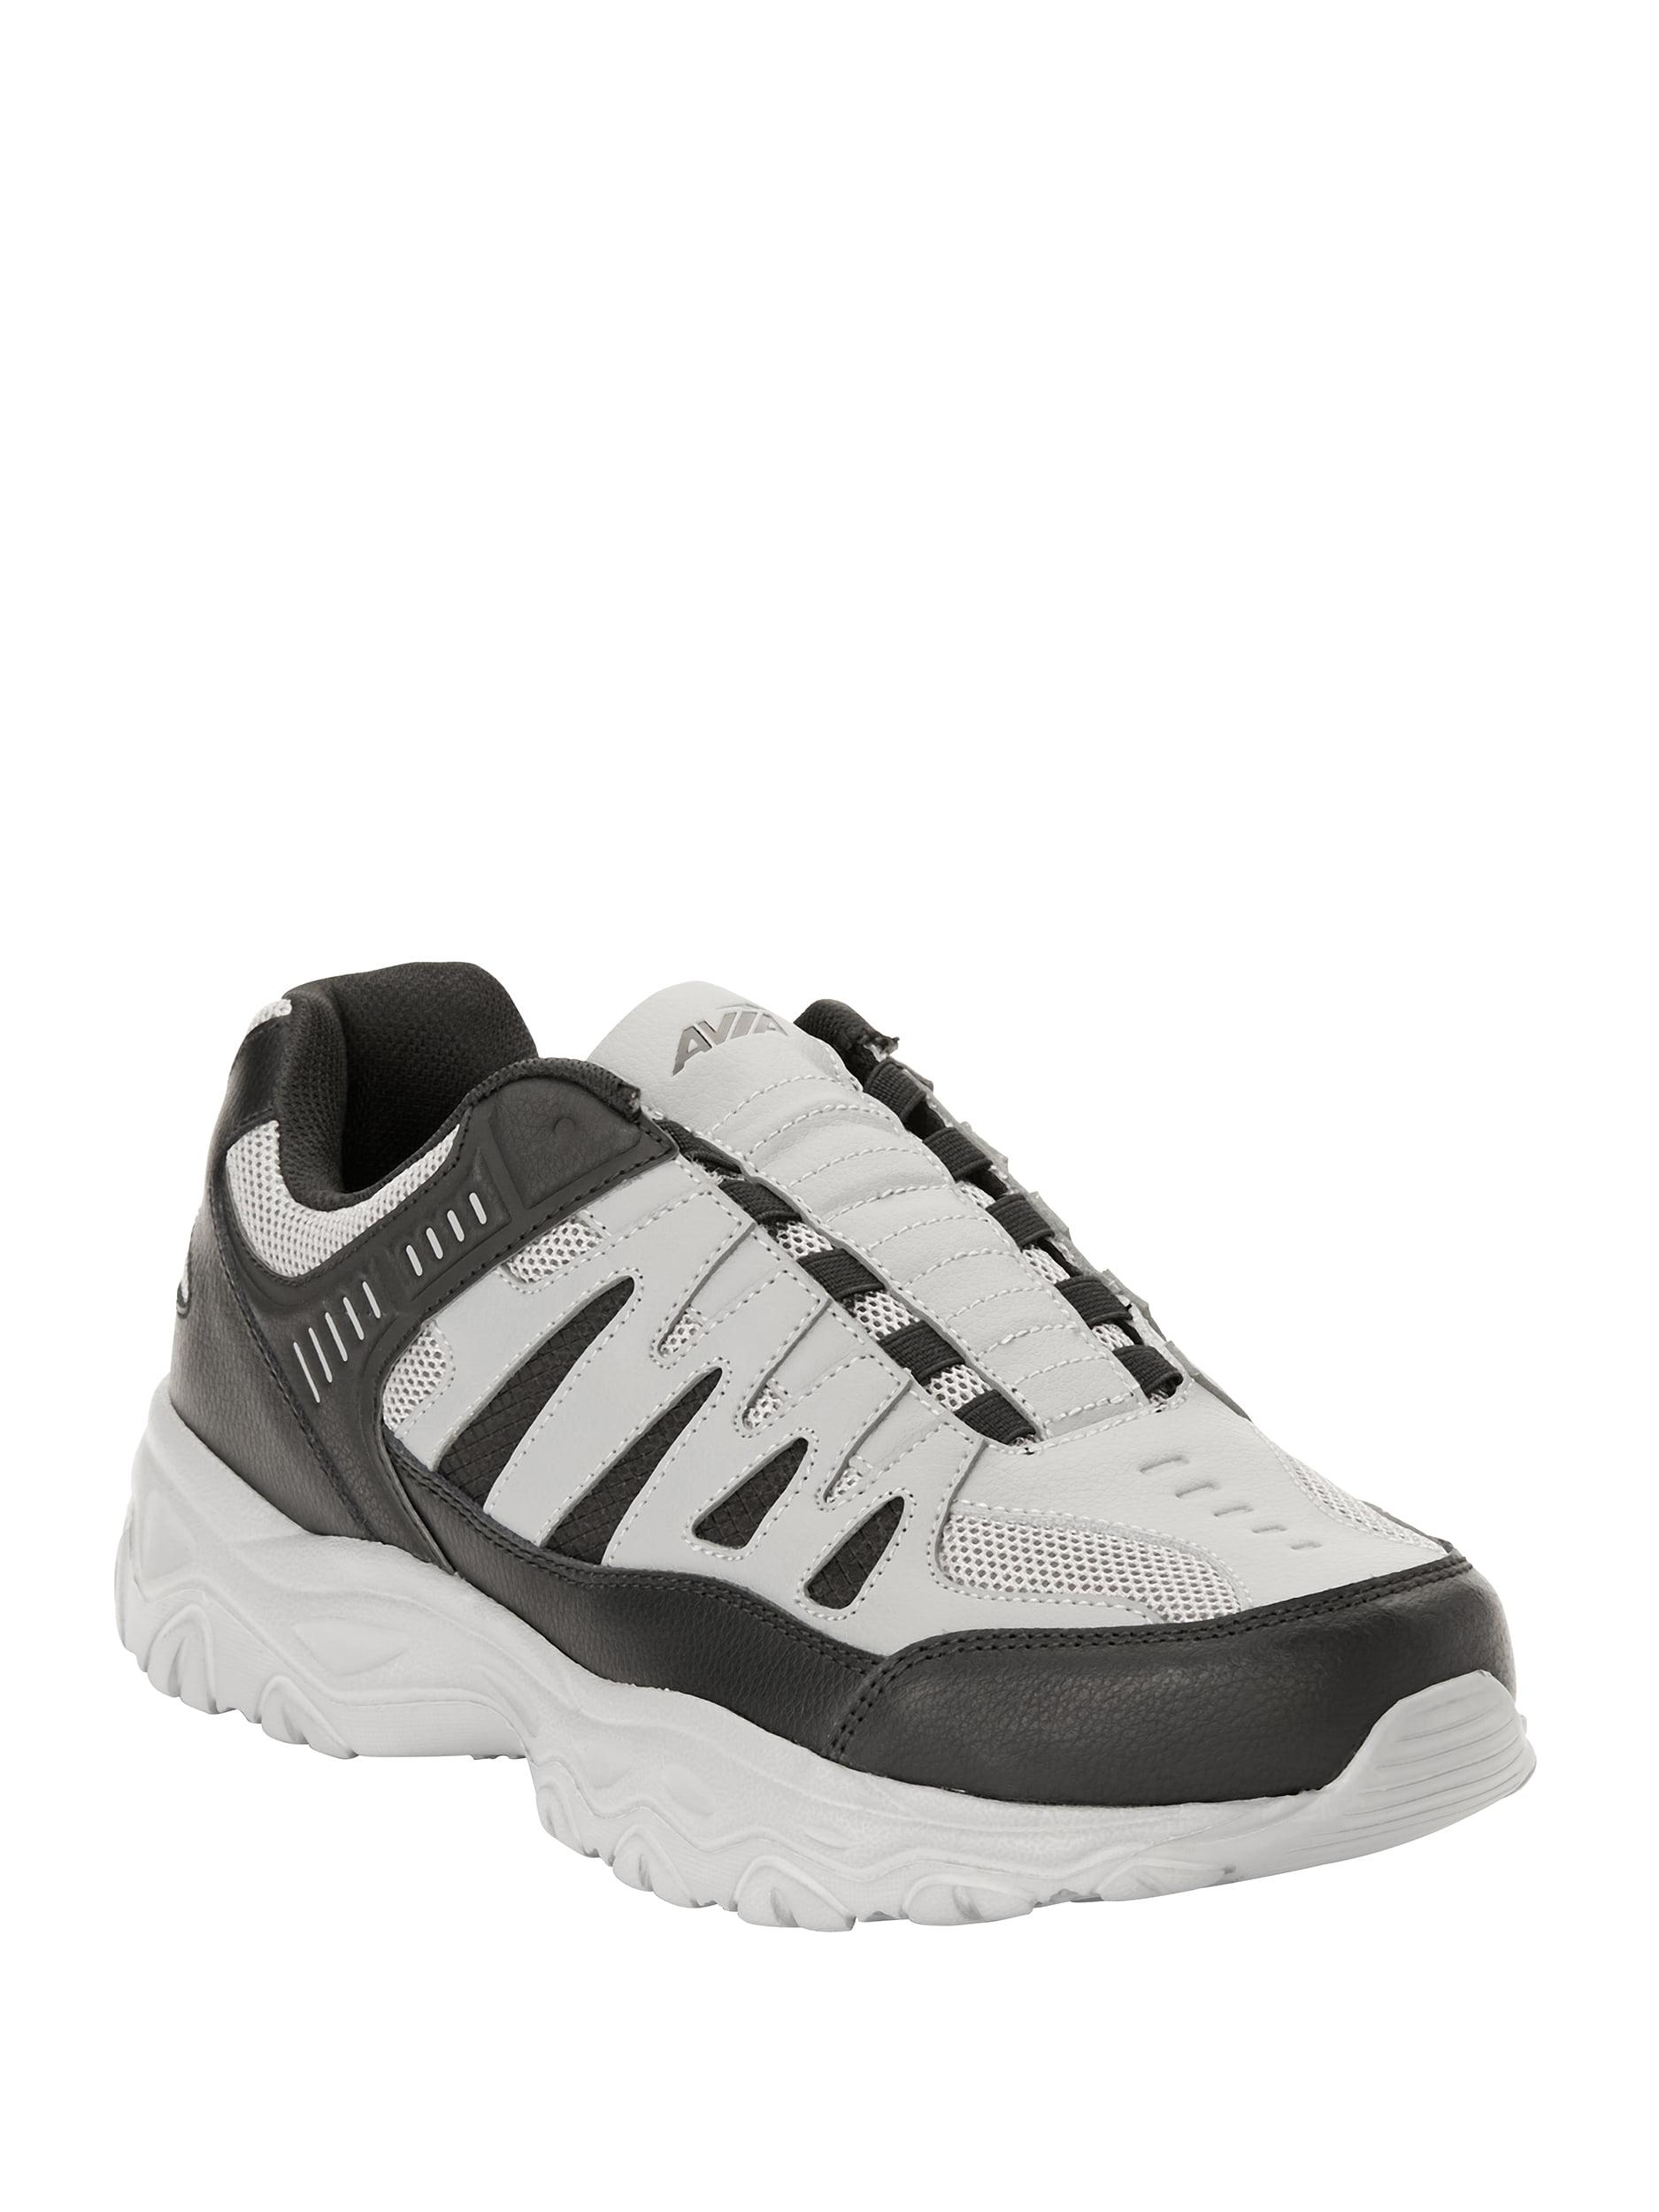 Wide Width Slip-On Walking Shoe